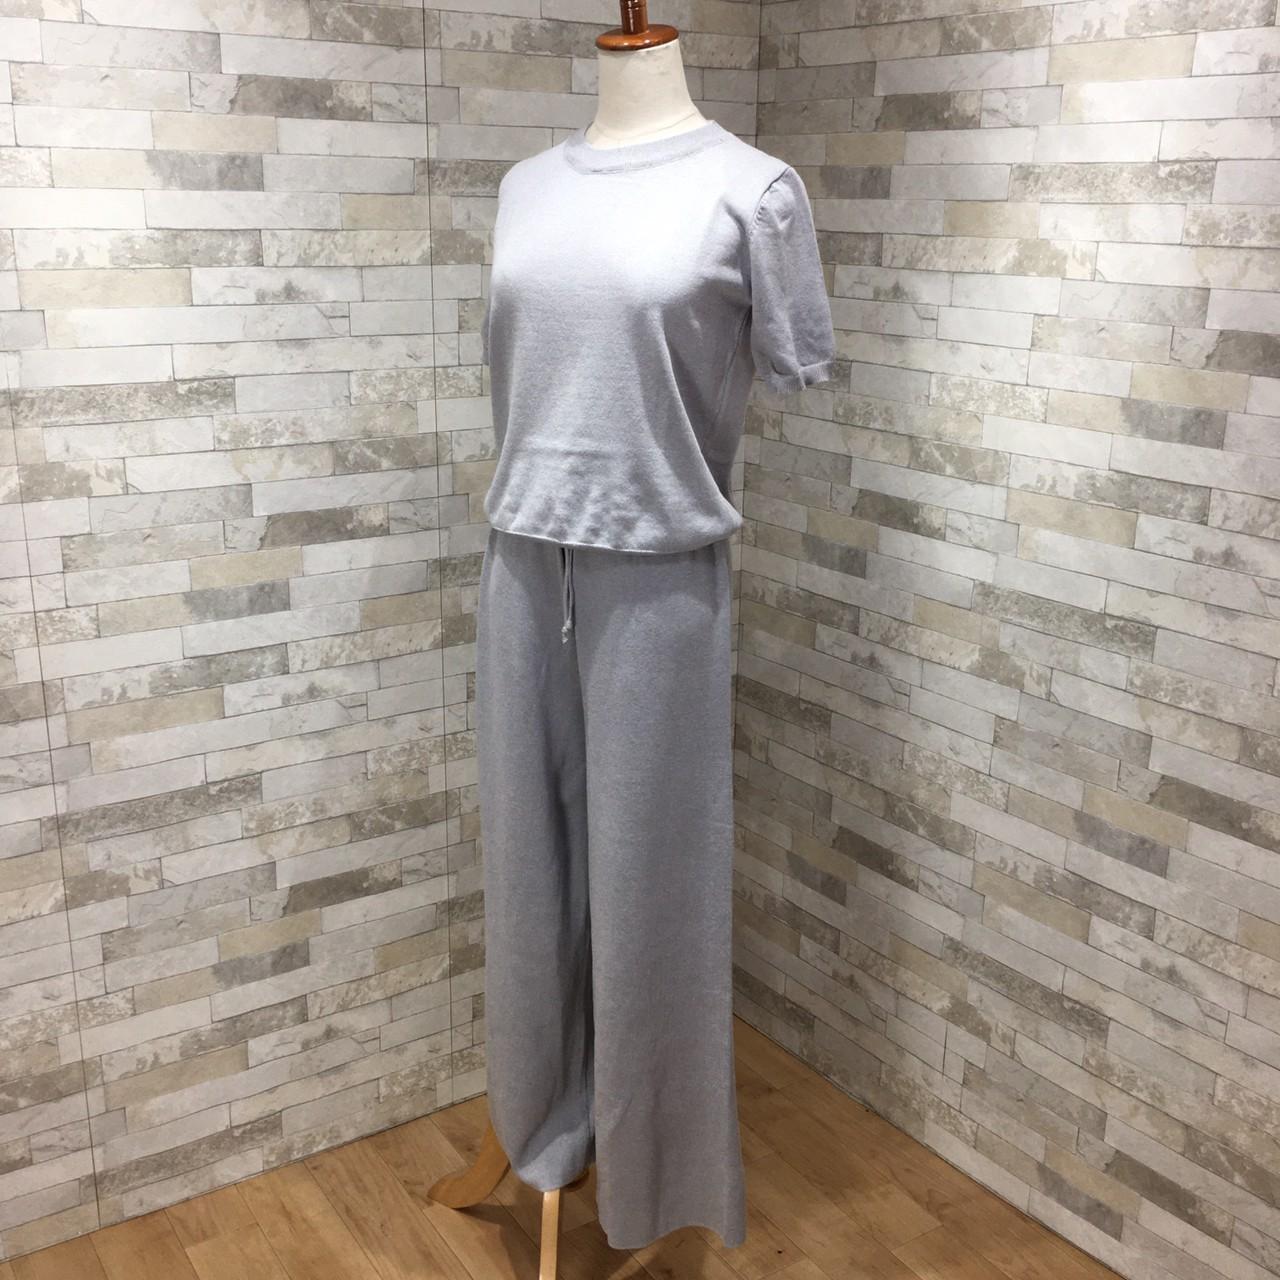 韓国 ファッション セットアップ 春 夏 秋 カジュアル PTXI116  光沢 ラフ リブニット ワイドストレートパンツ オルチャン シンプル 定番 セレカジの写真11枚目